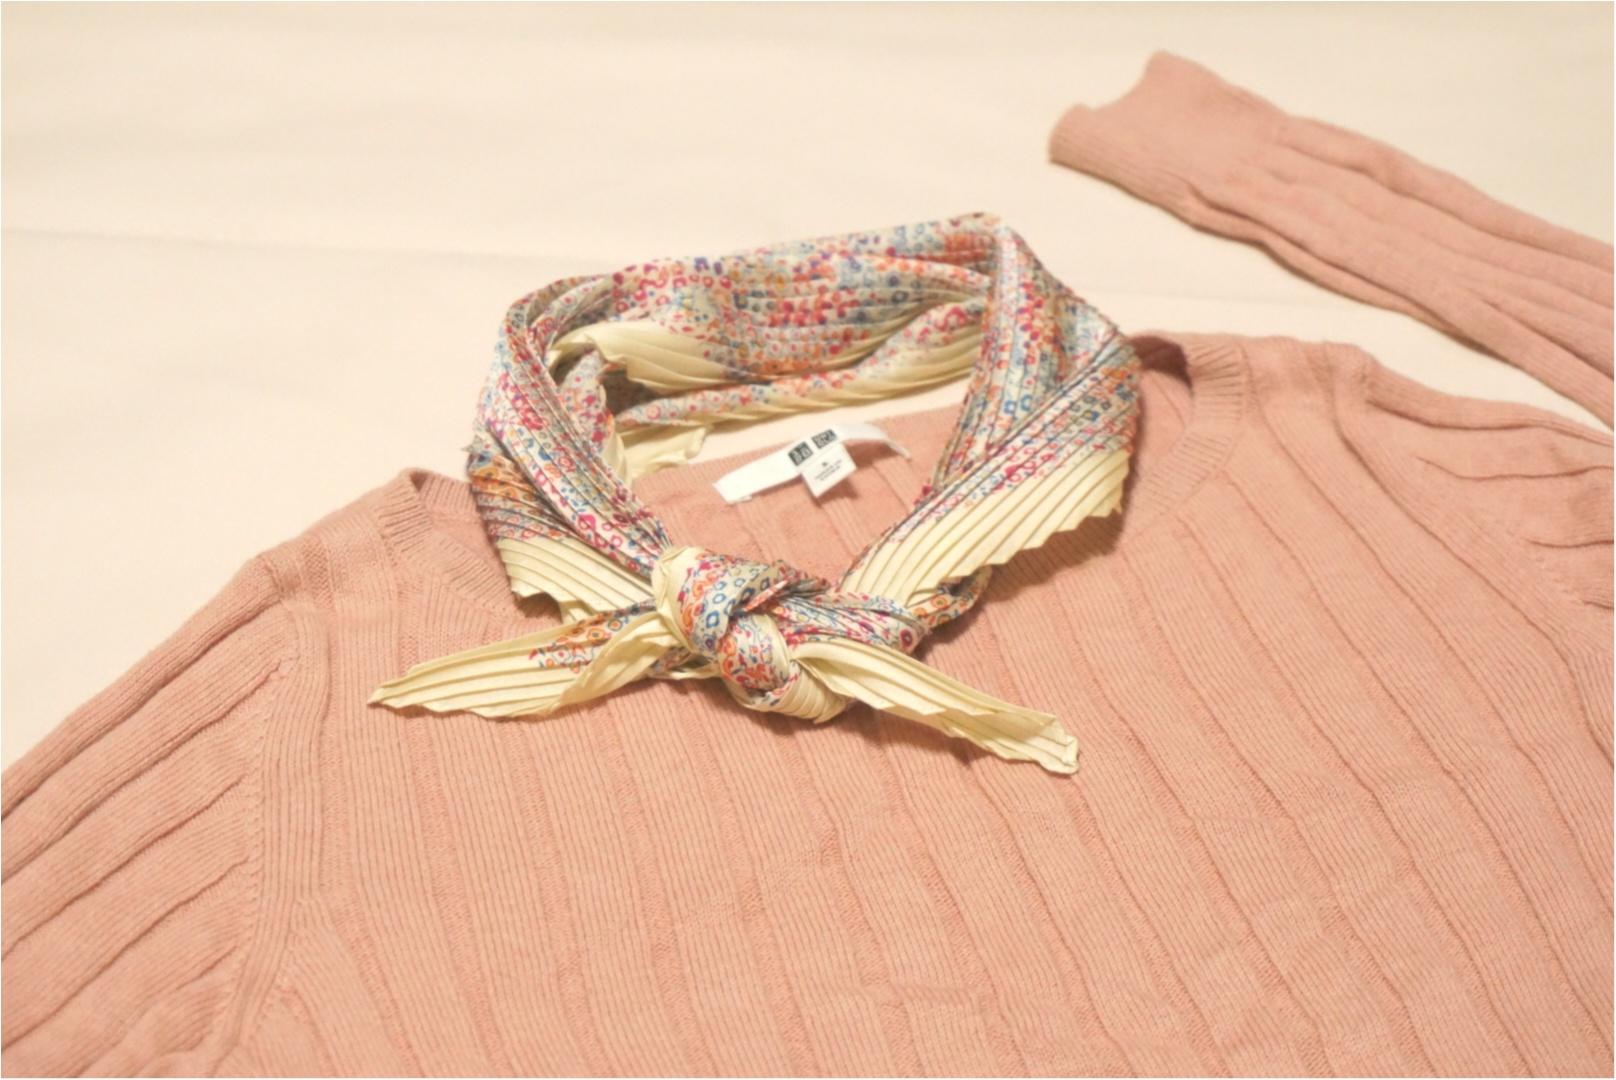 《もうGETした?》春に向けて手に入れたい‼︎プチプラなのに高見えな『シルキープリーツスカーフ』が【ユニクロ】で590円✨_2